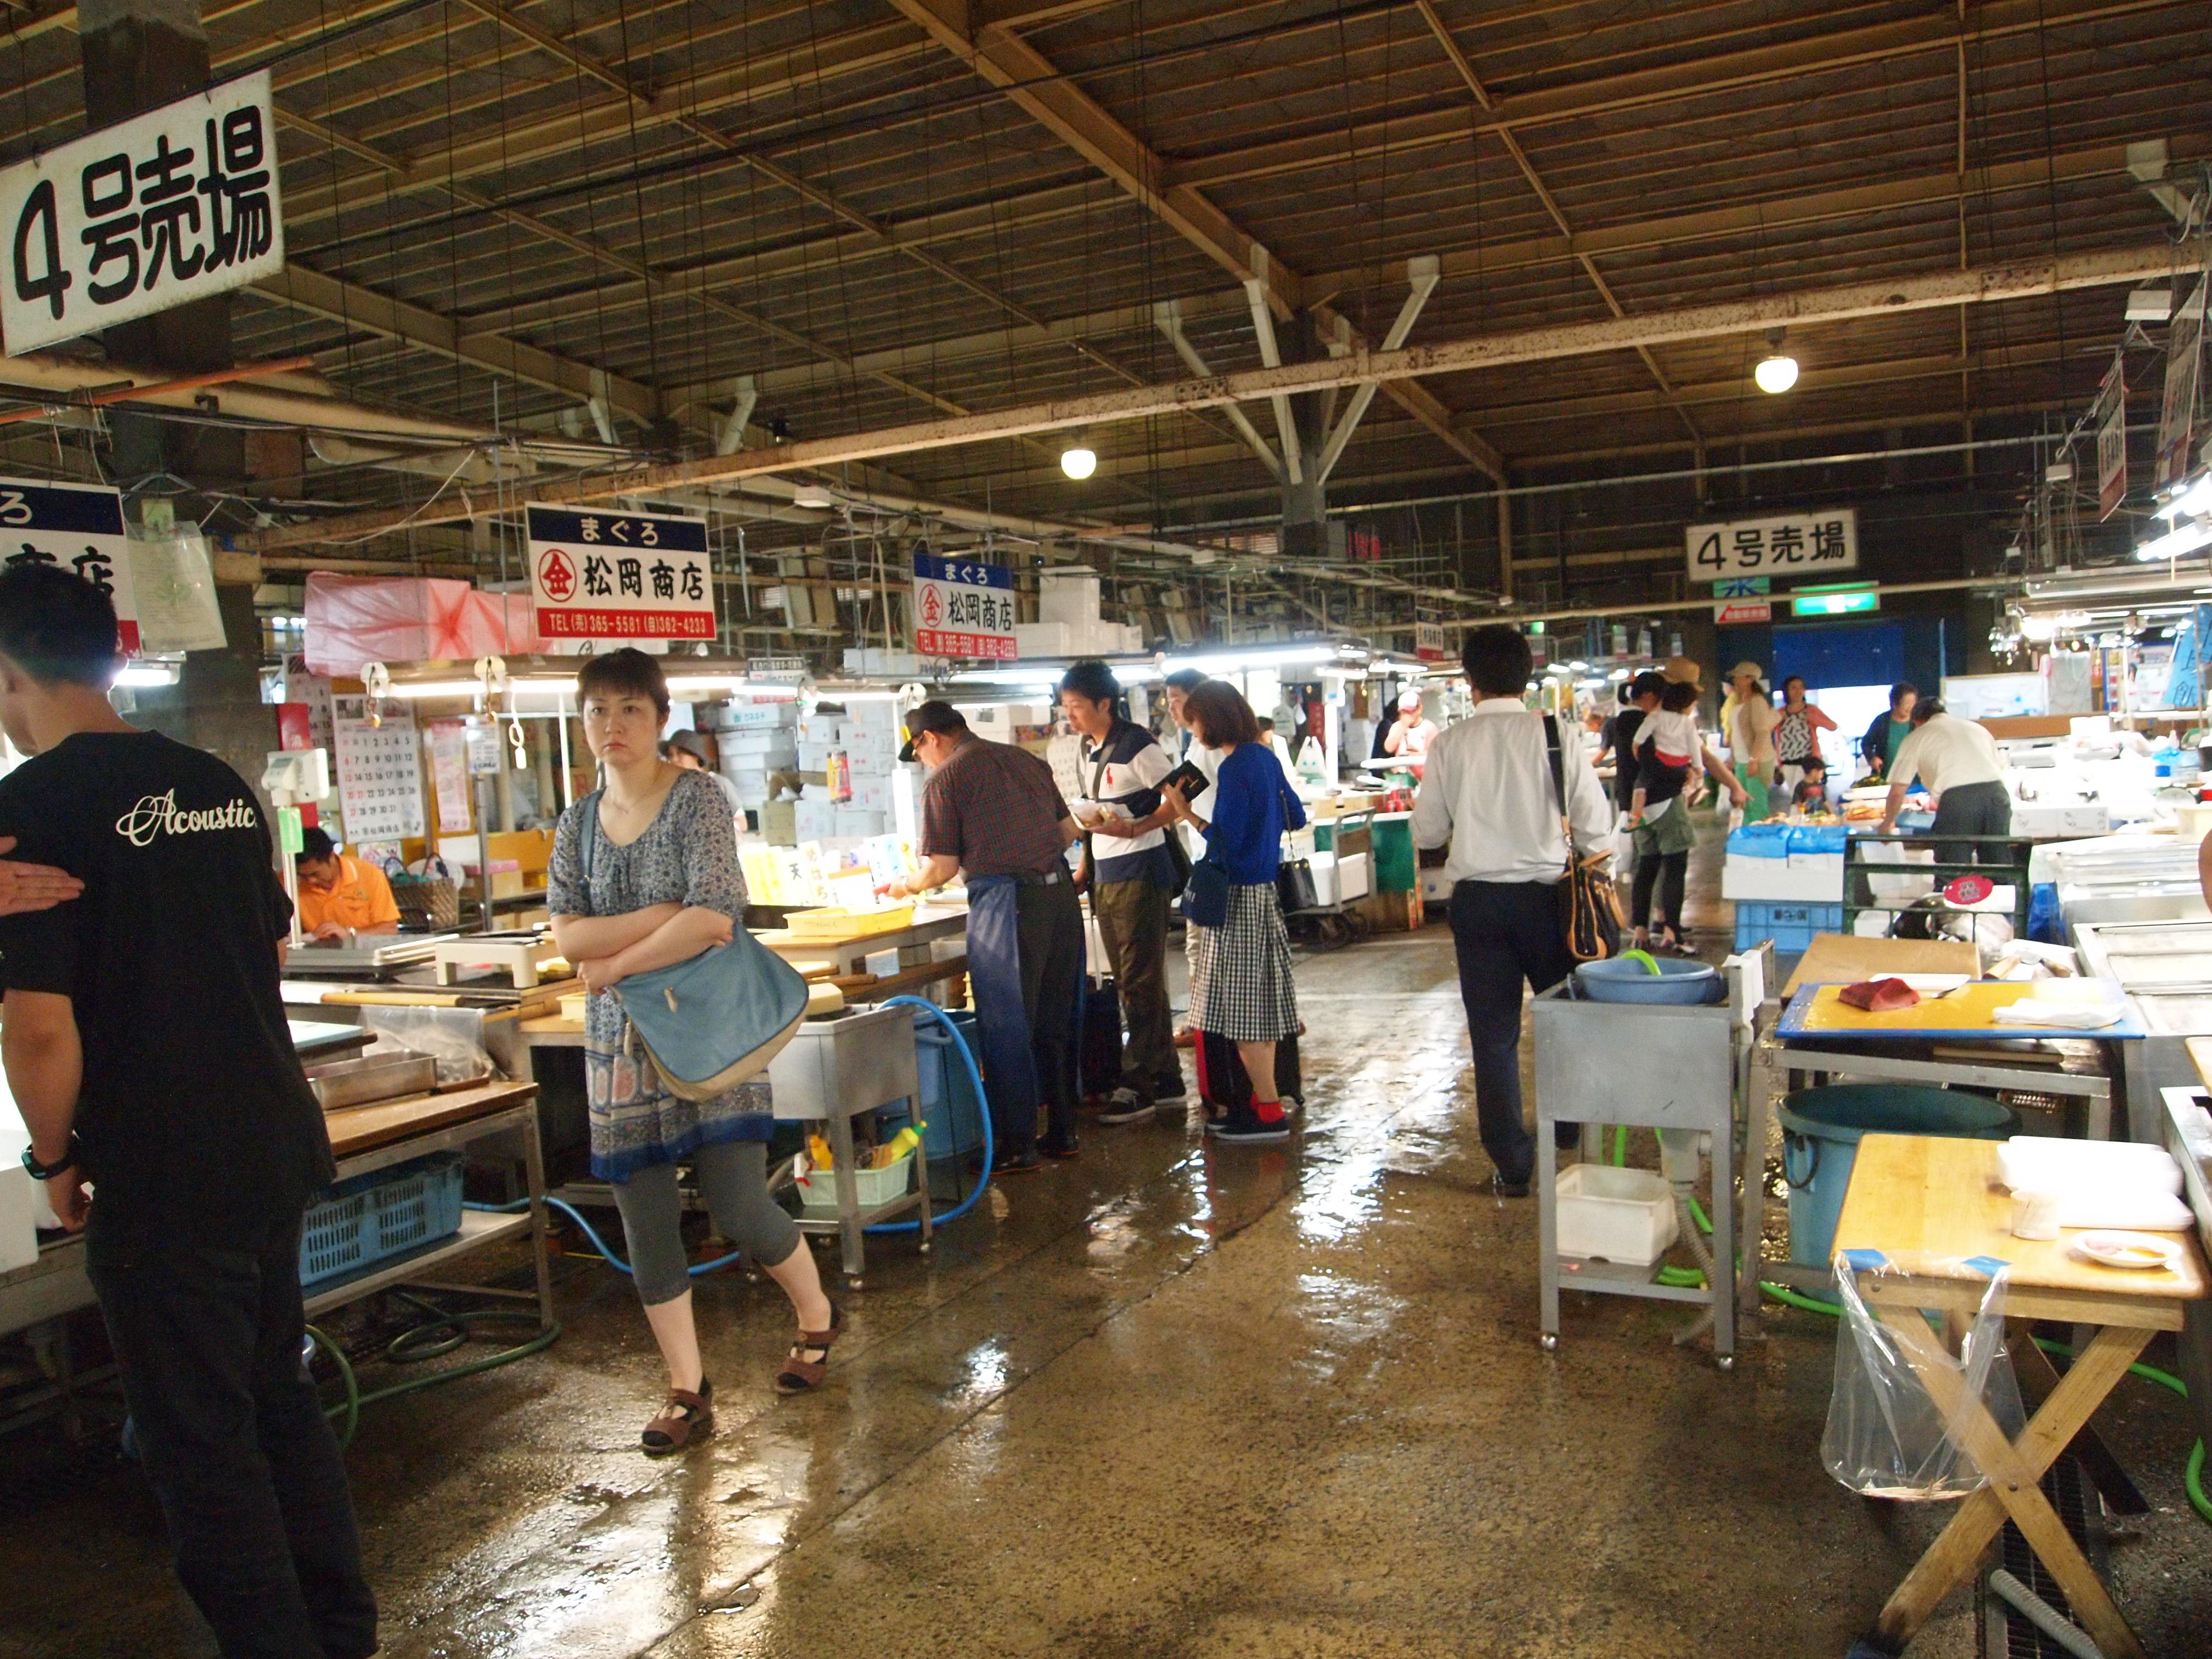 盐釜批发市场。